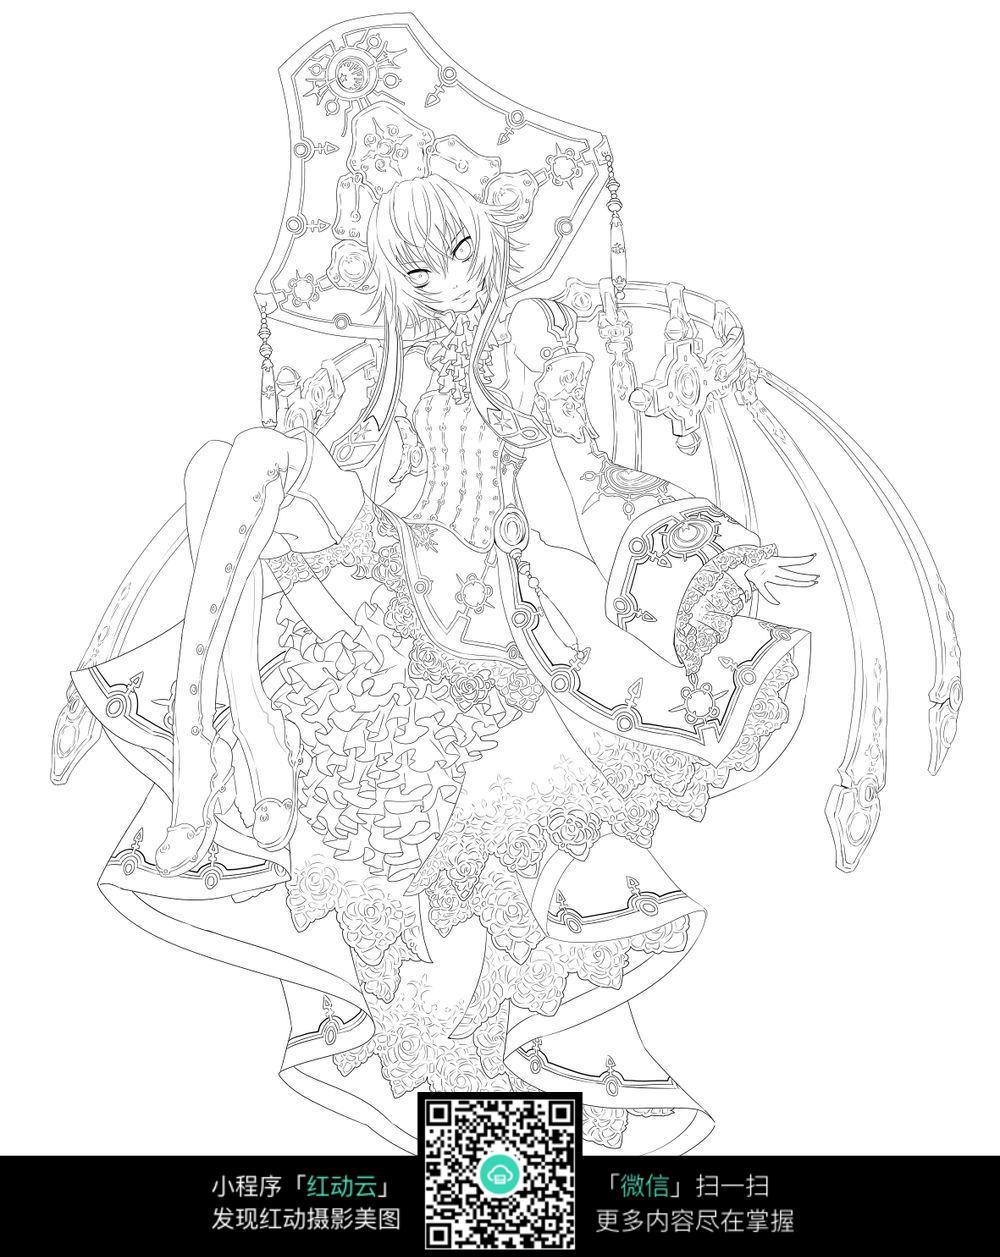 少女卡通手绘线稿图片